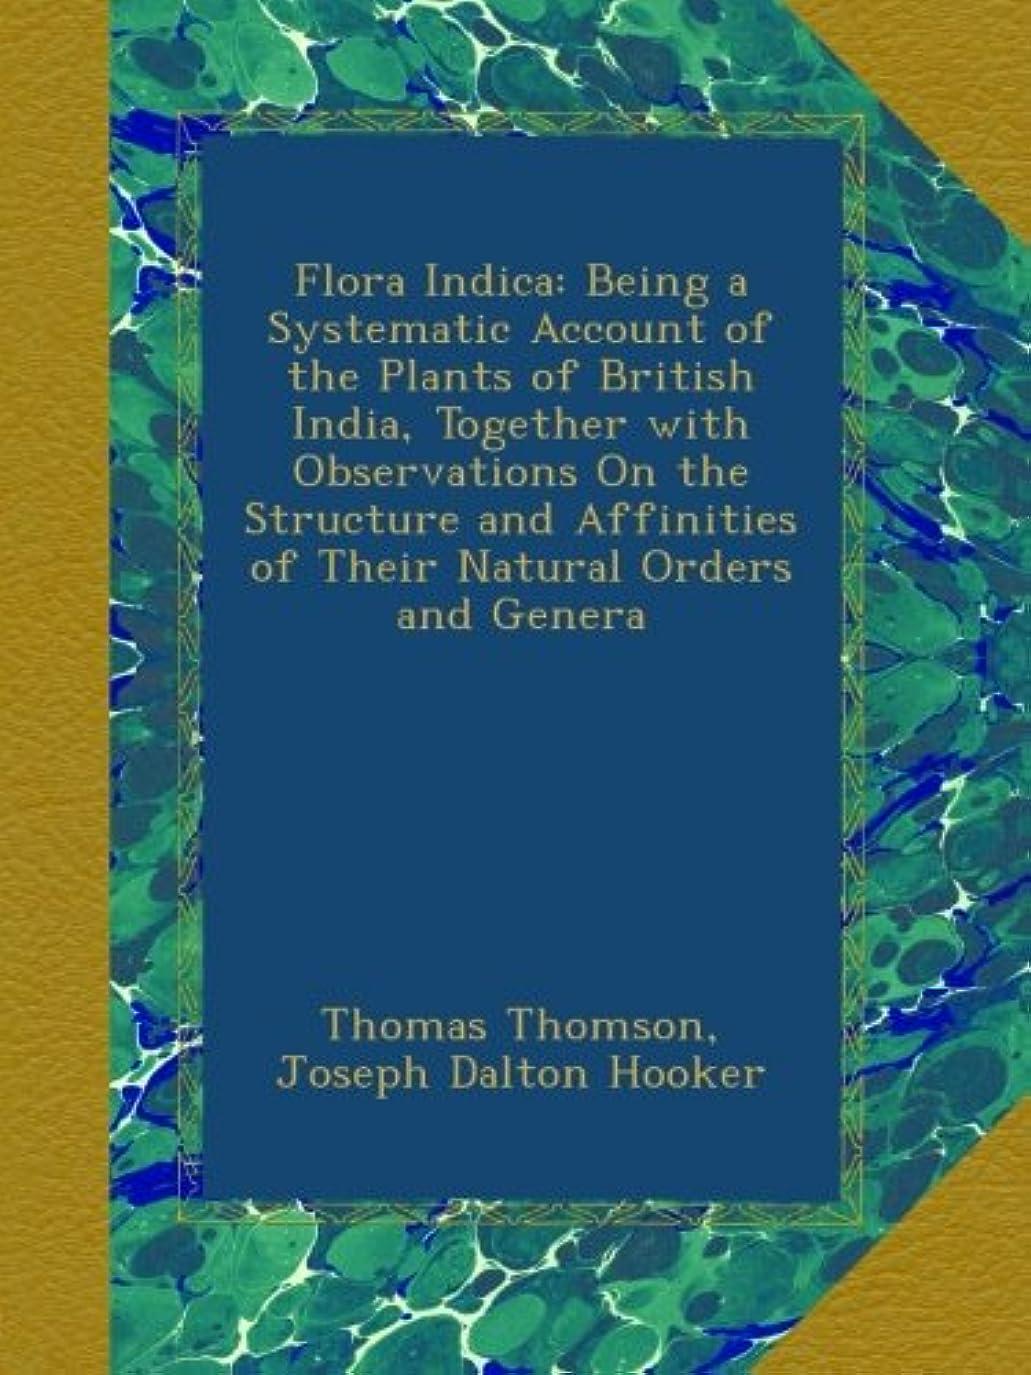 礼拝デモンストレーション受取人Flora Indica: Being a Systematic Account of the Plants of British India, Together with Observations On the Structure and Affinities of Their Natural Orders and Genera